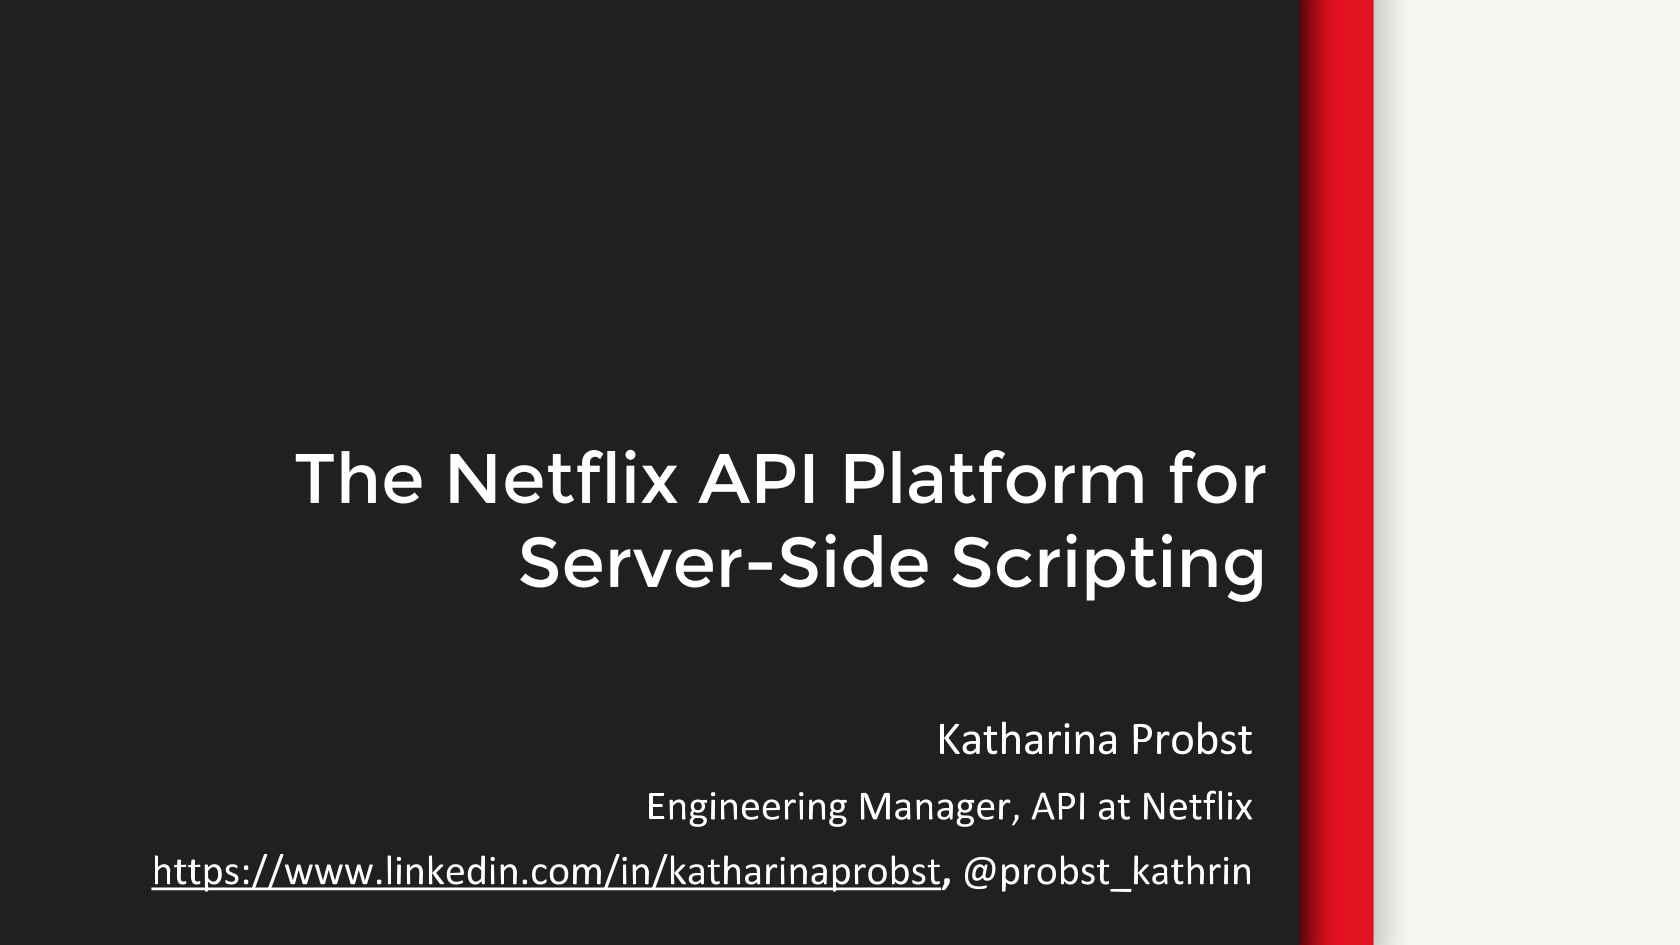 The Netflix API Platform for Server-Side Scripting